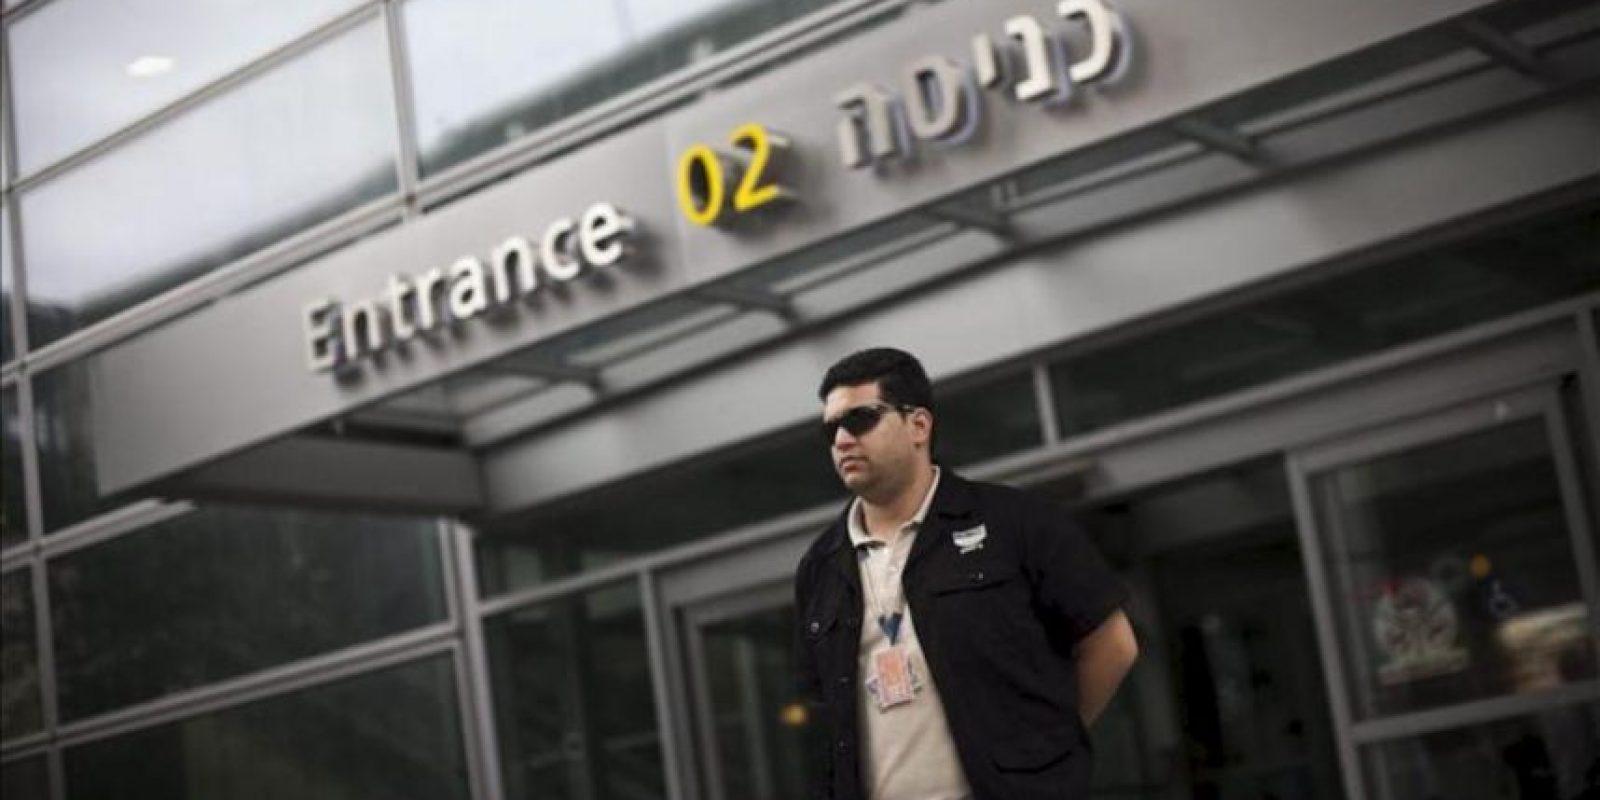 """Un guarda de seguridad vigila hoy la terminal de llegadas en el aeropuerto de Ben Gurion en Tel Aviv (Israel). Las autoridades israelíes han desplegado cientos de policías fronterizos para evitar la llegada de turistas bajo el reclamo de """"Bienvenido a Palestina"""". EFE"""